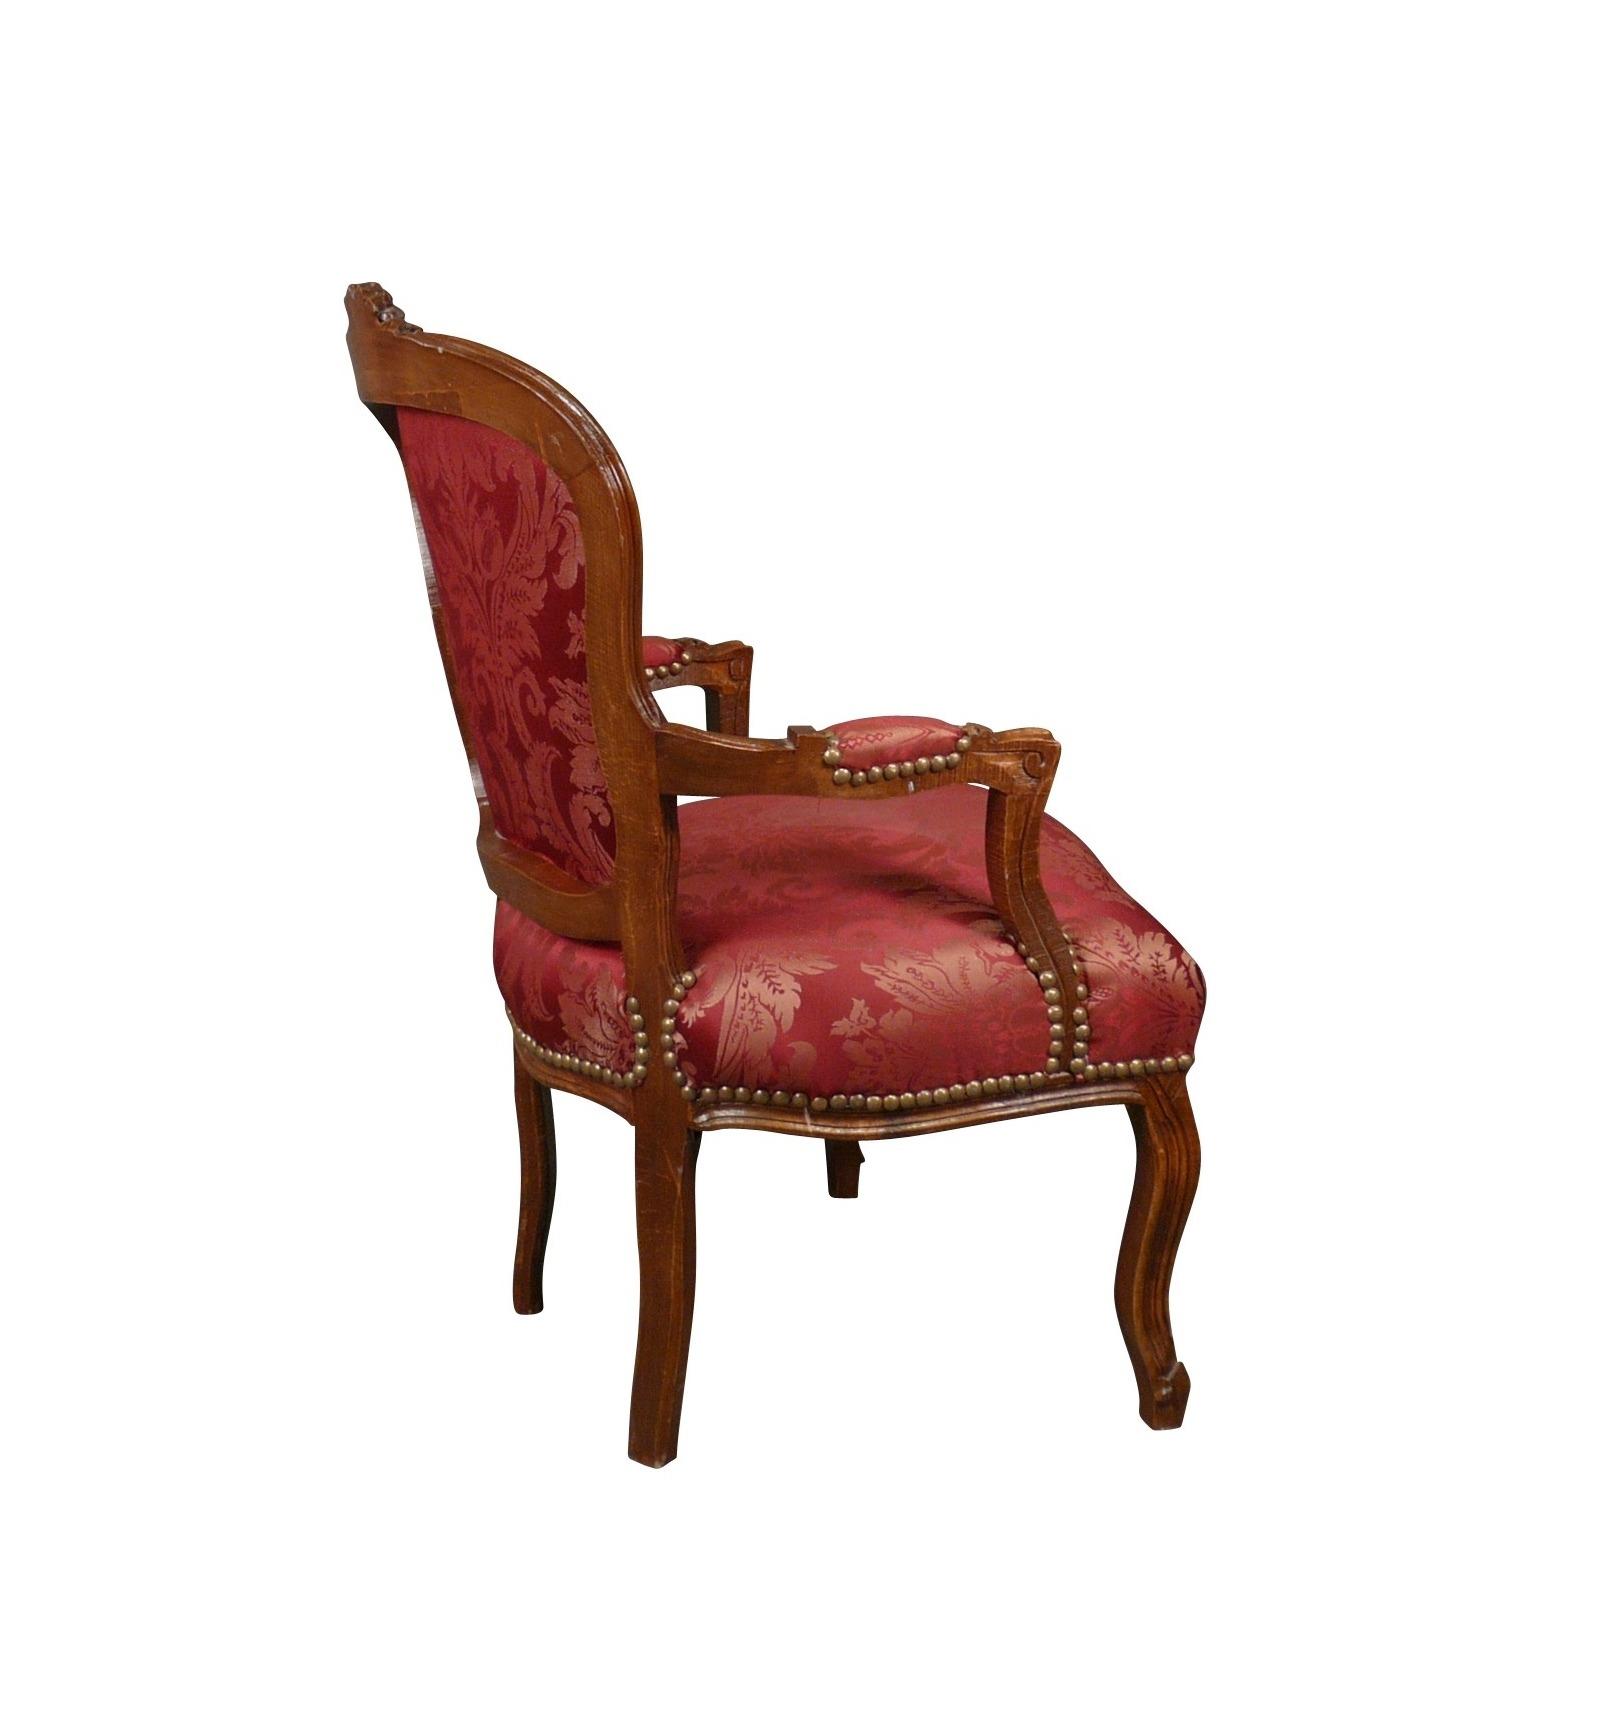 fauteuil louis xv rouge en bois massif. Black Bedroom Furniture Sets. Home Design Ideas